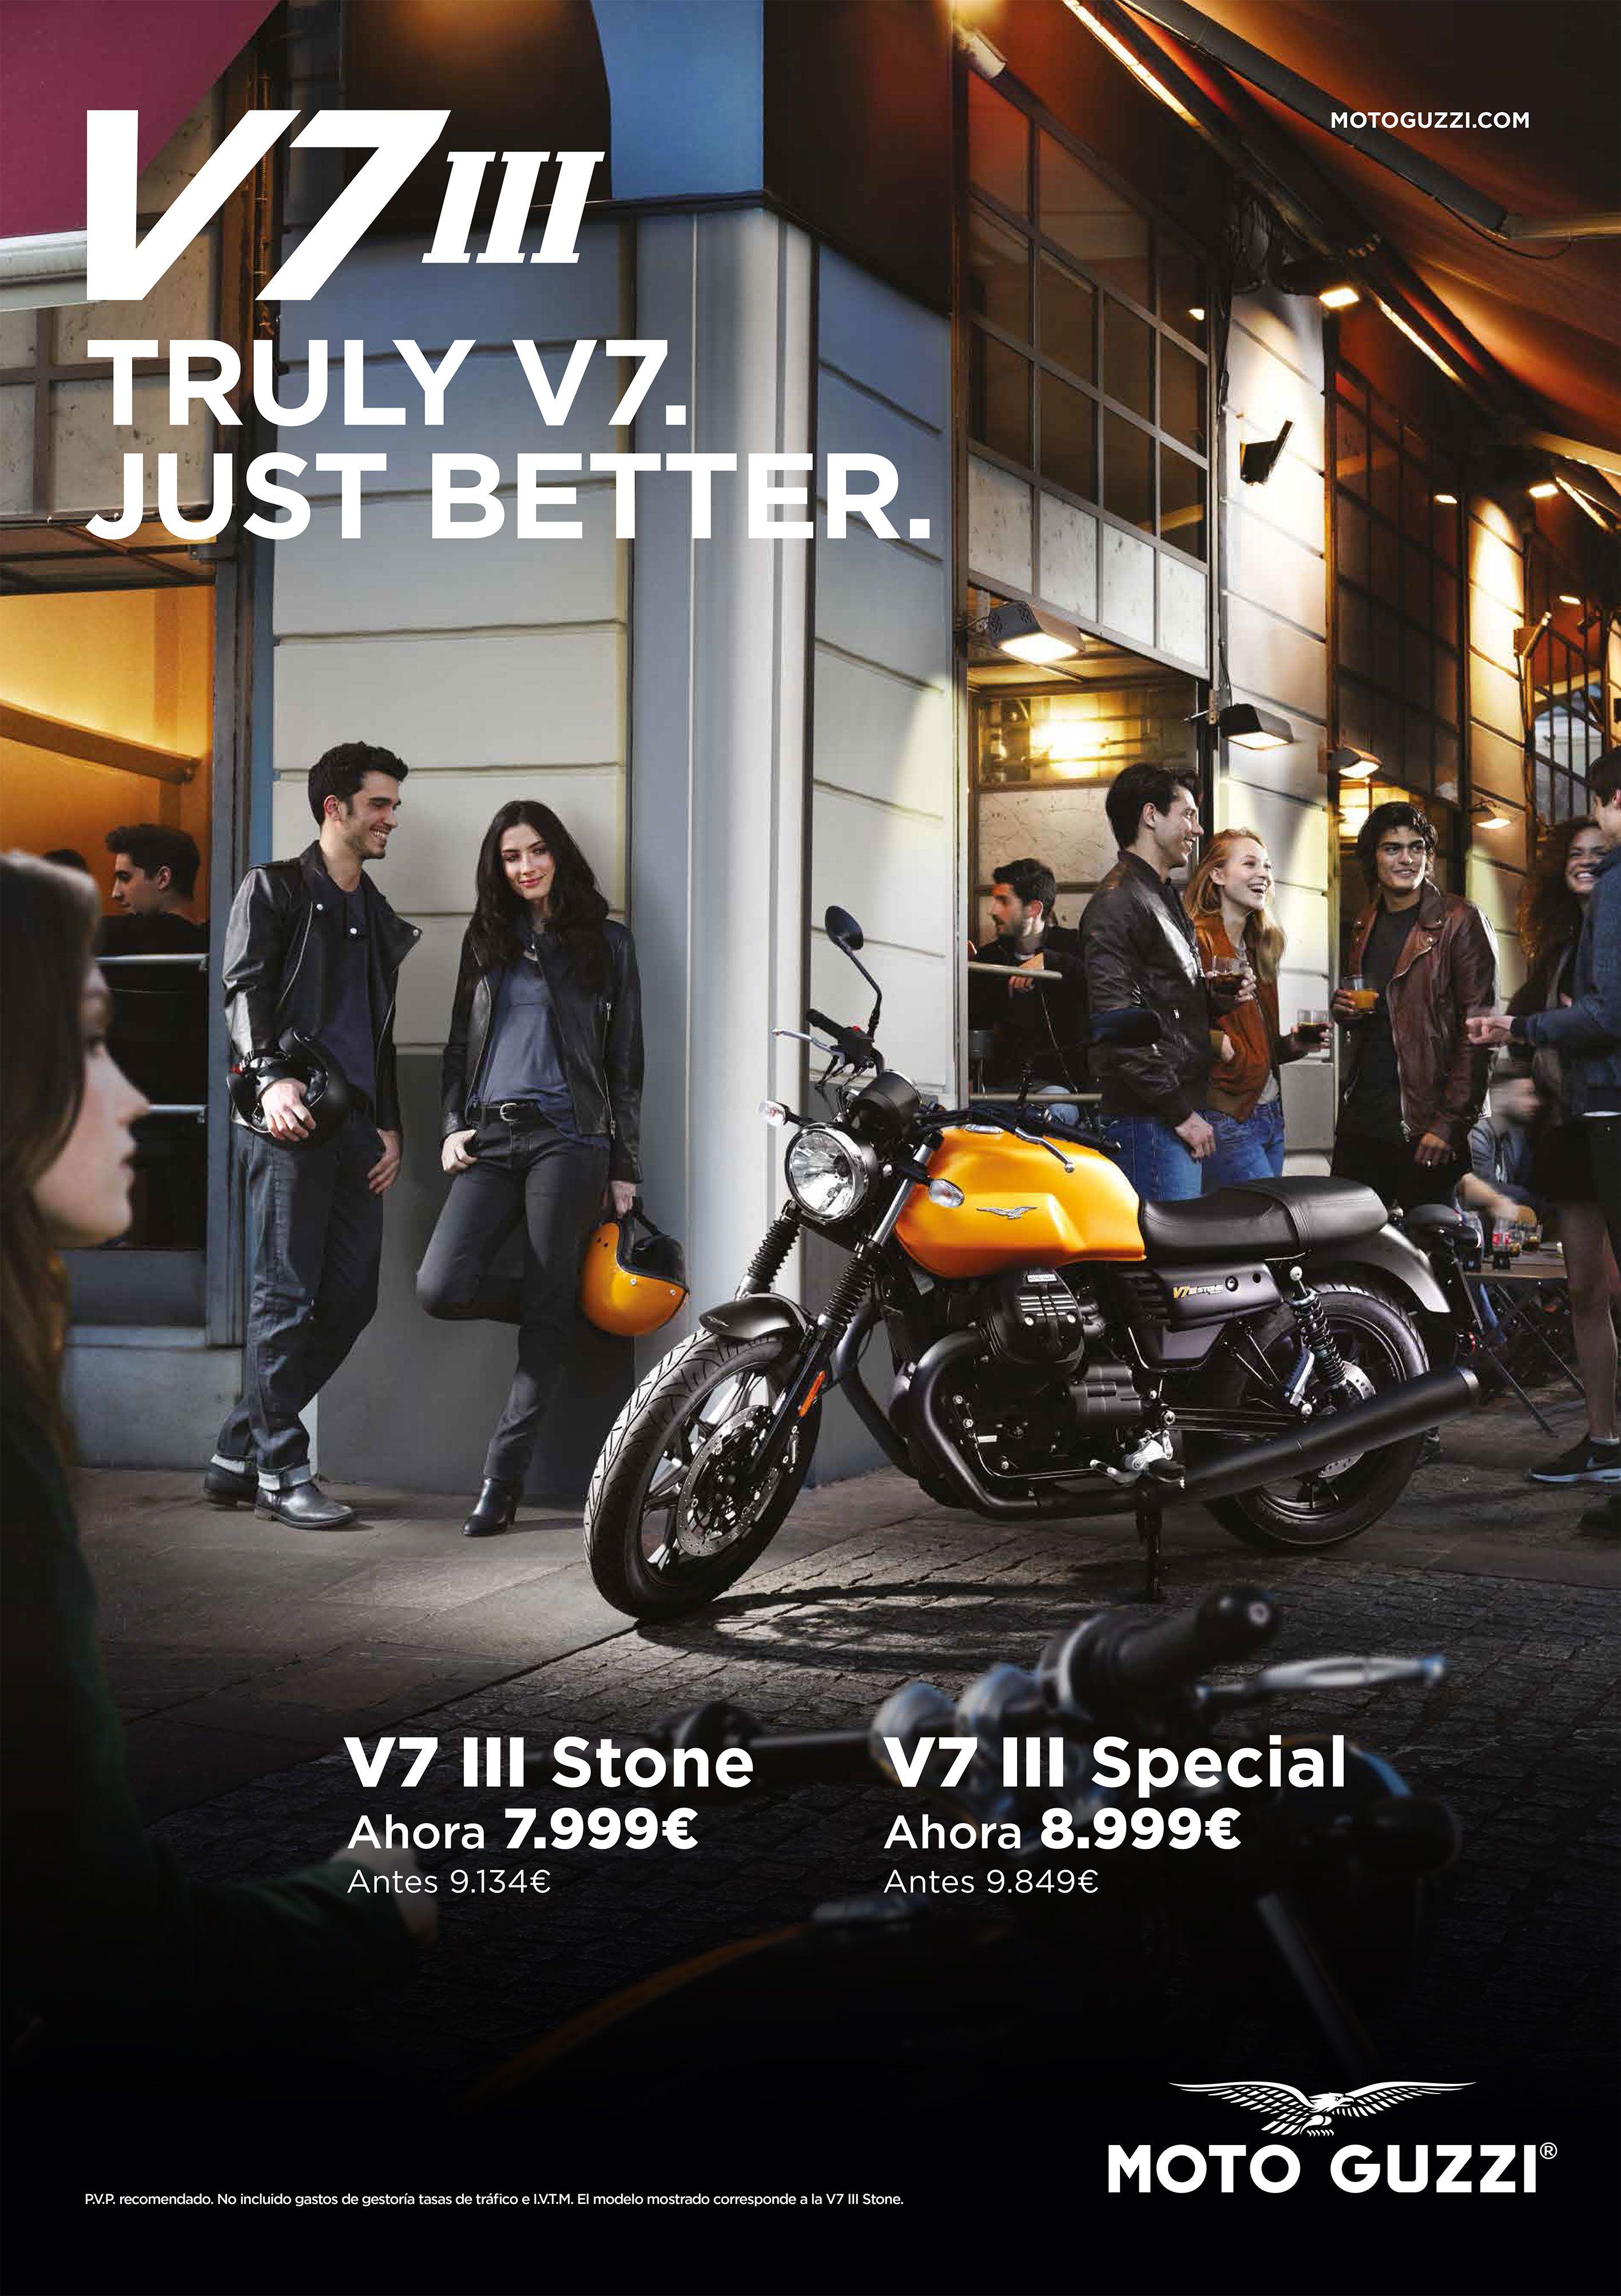 Nueva promoción de Moto Guzzi V7 III